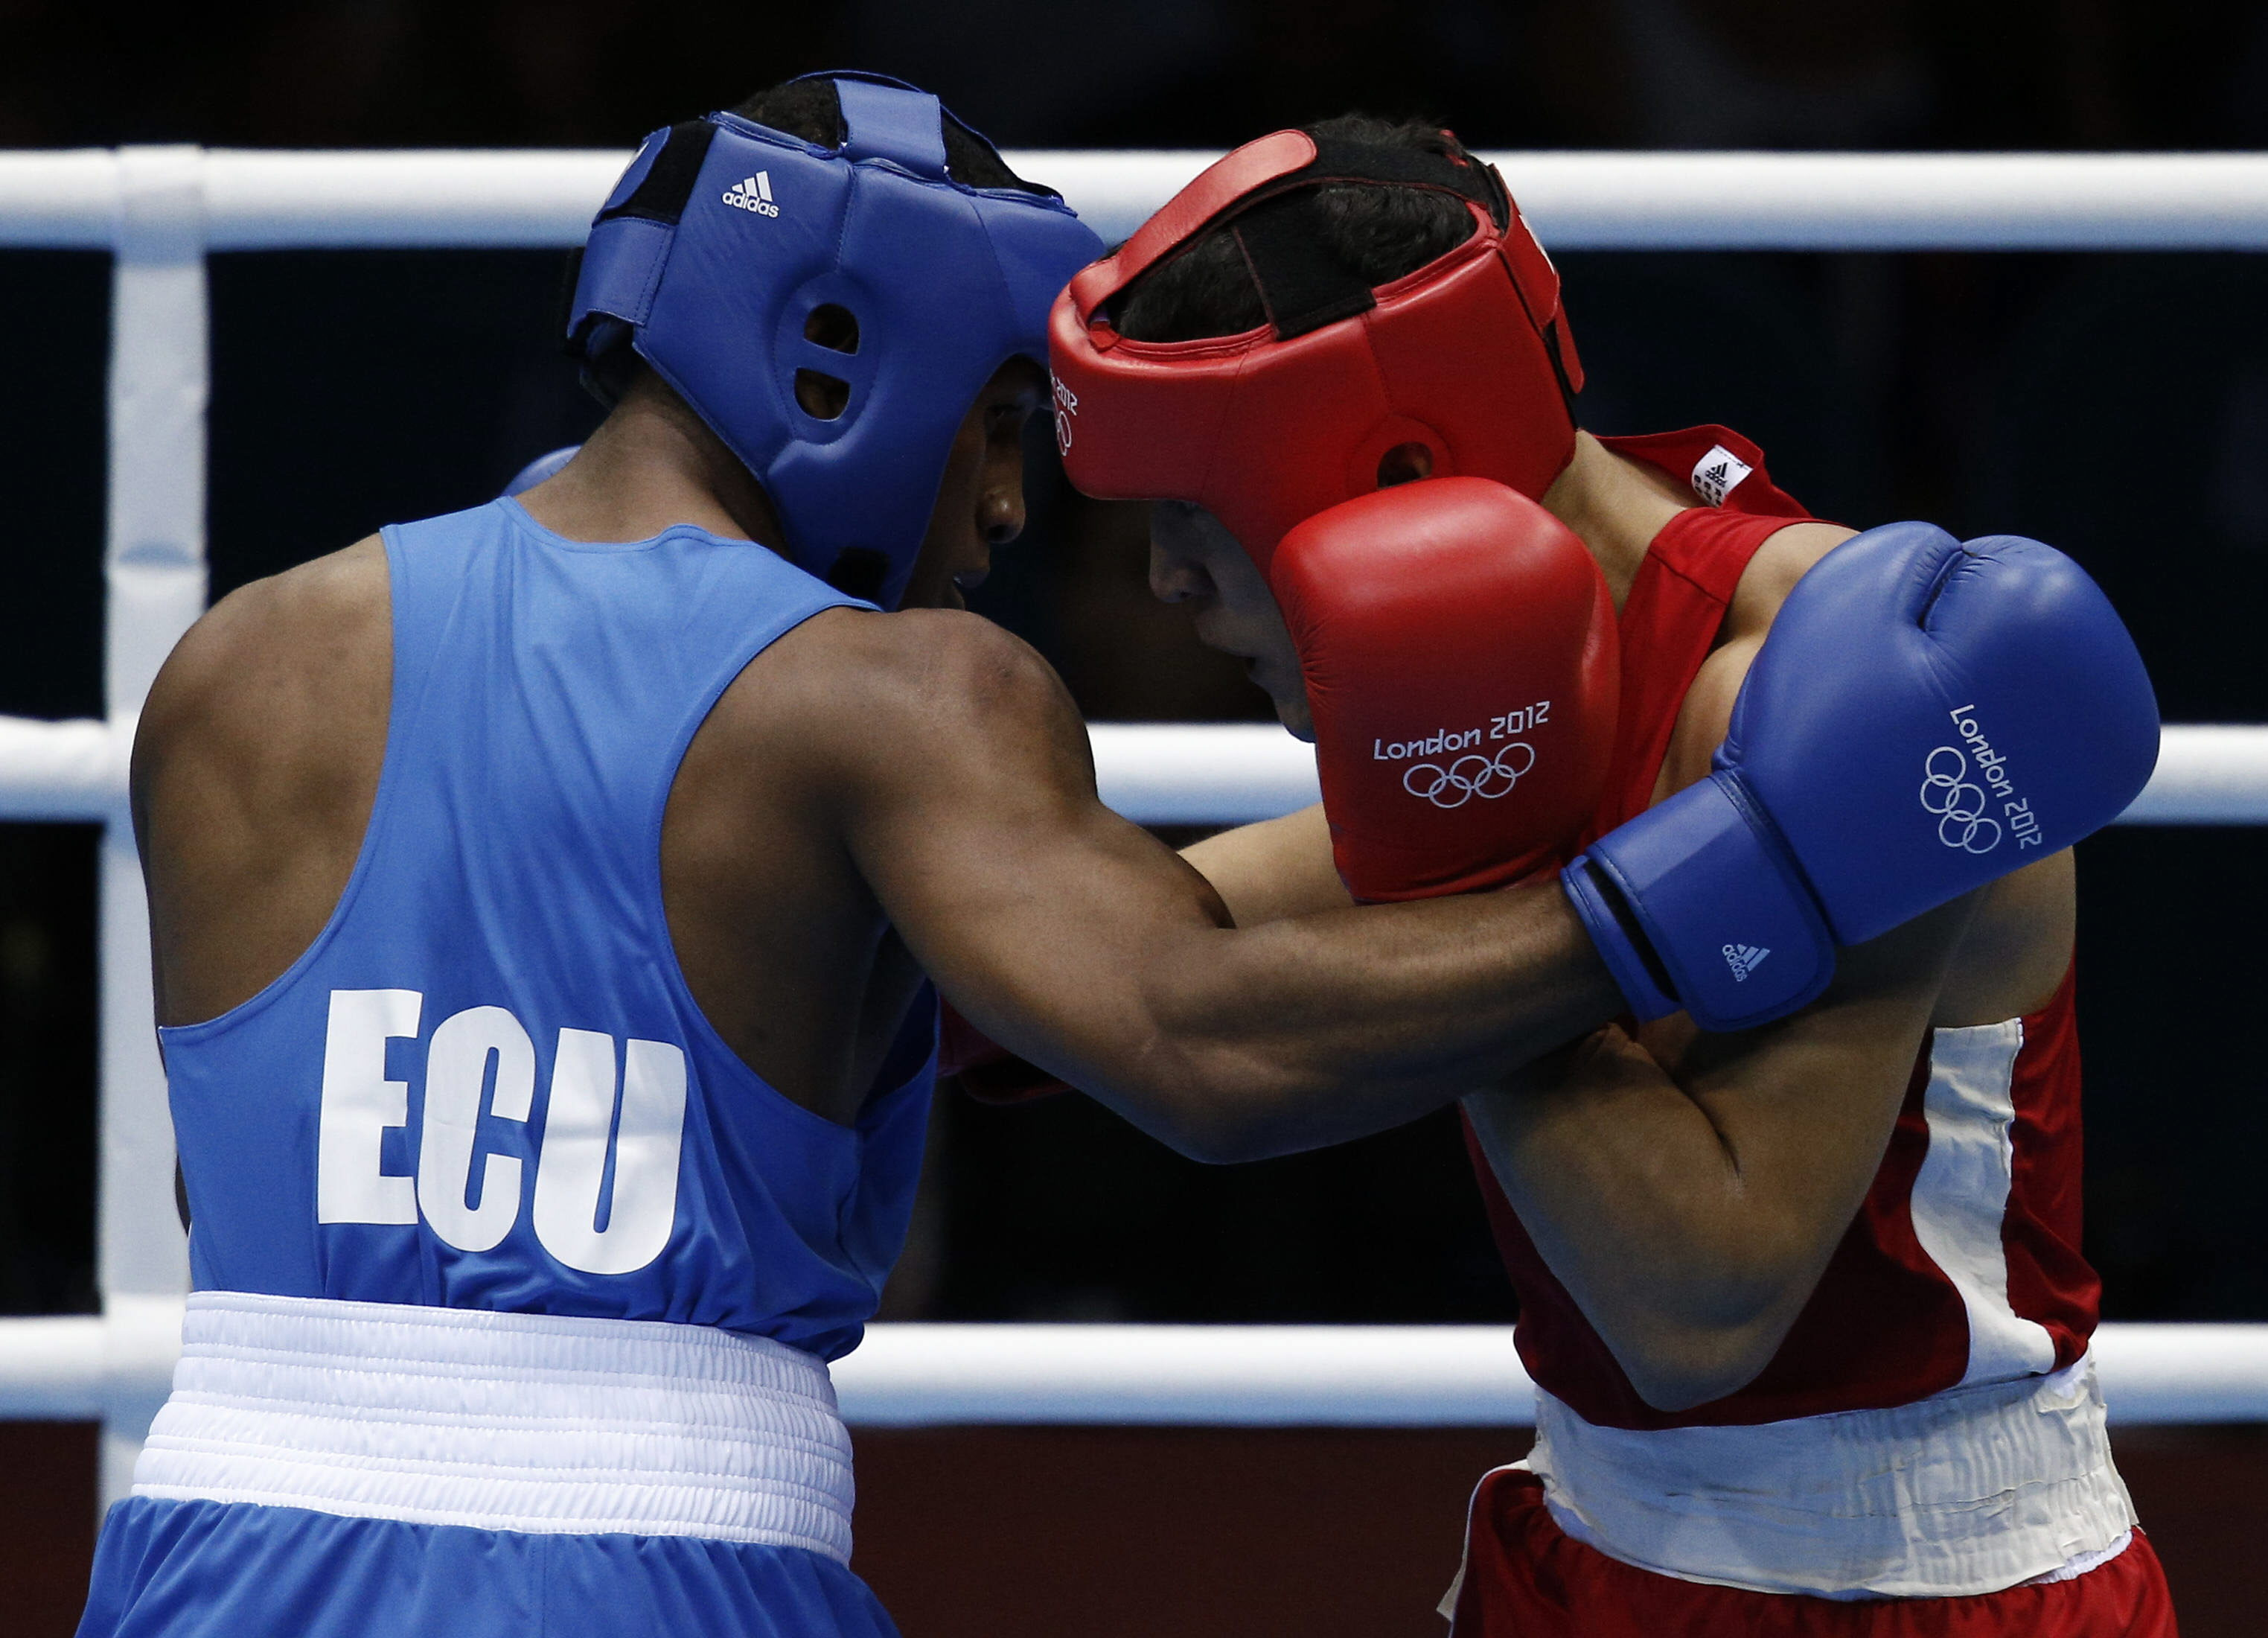 El boxeo olímpico sin casco enciende el debate médico / Reportajes ...